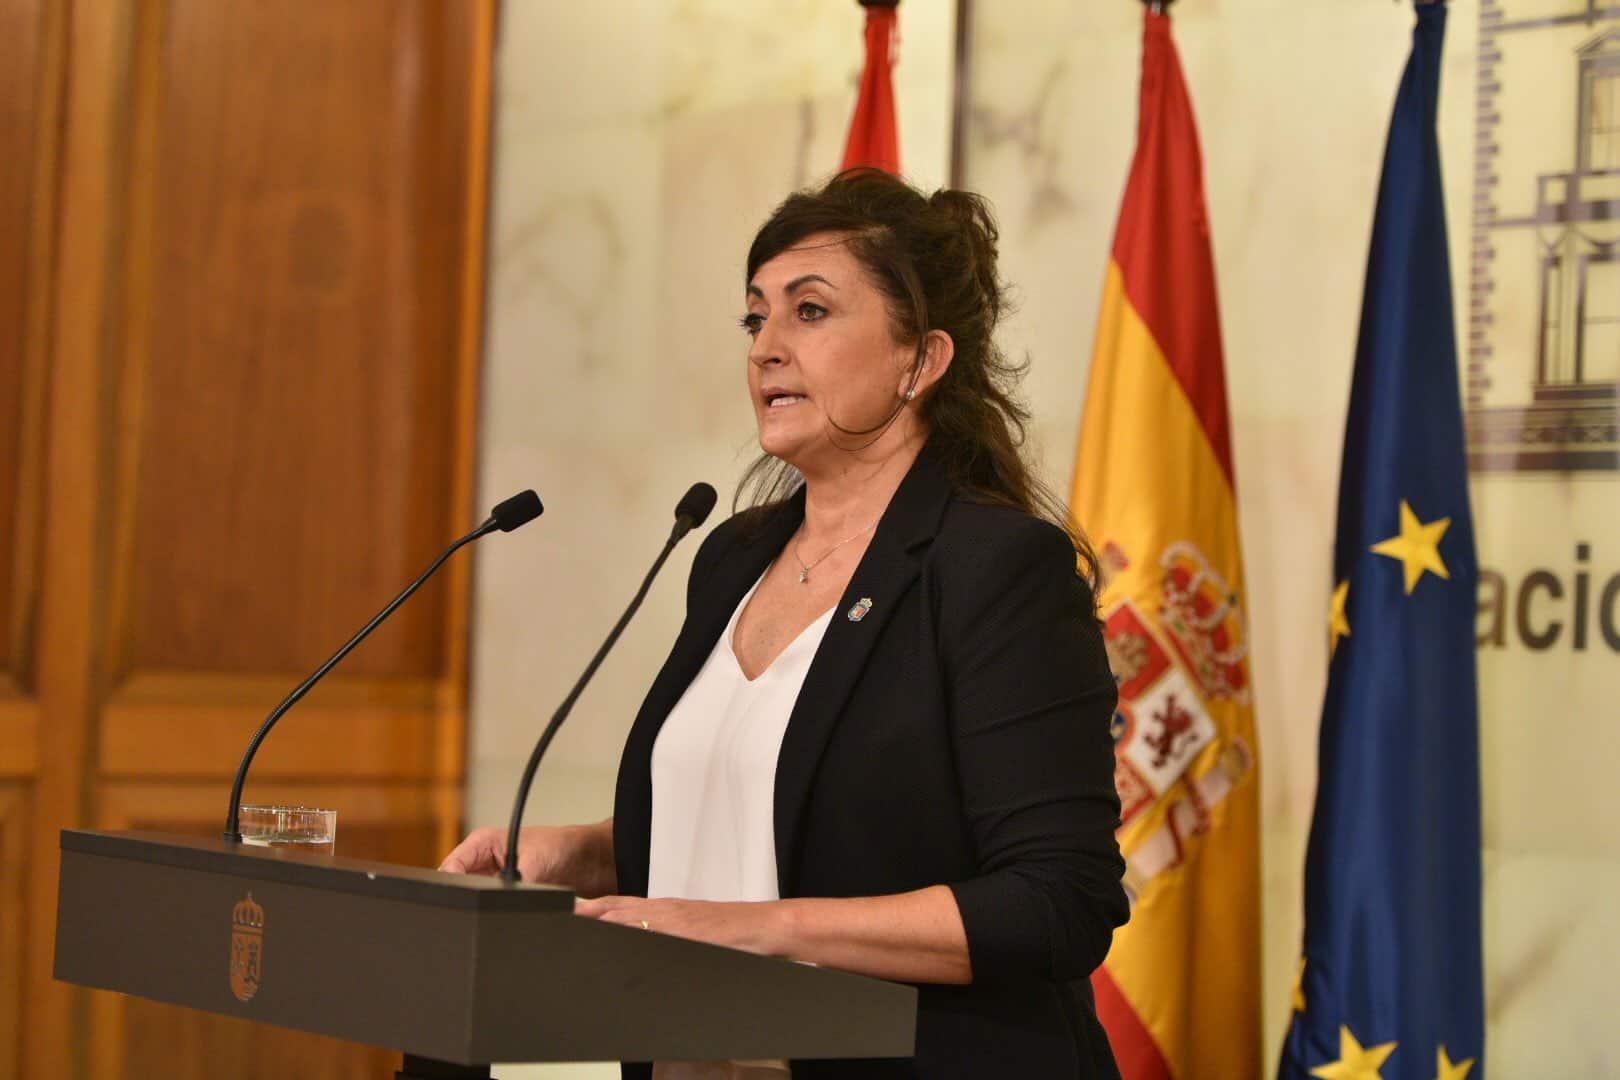 Nuevas medidas en La Rioja: no más de 6 personas en reuniones y evitar la movilidad fuera del municipio 2